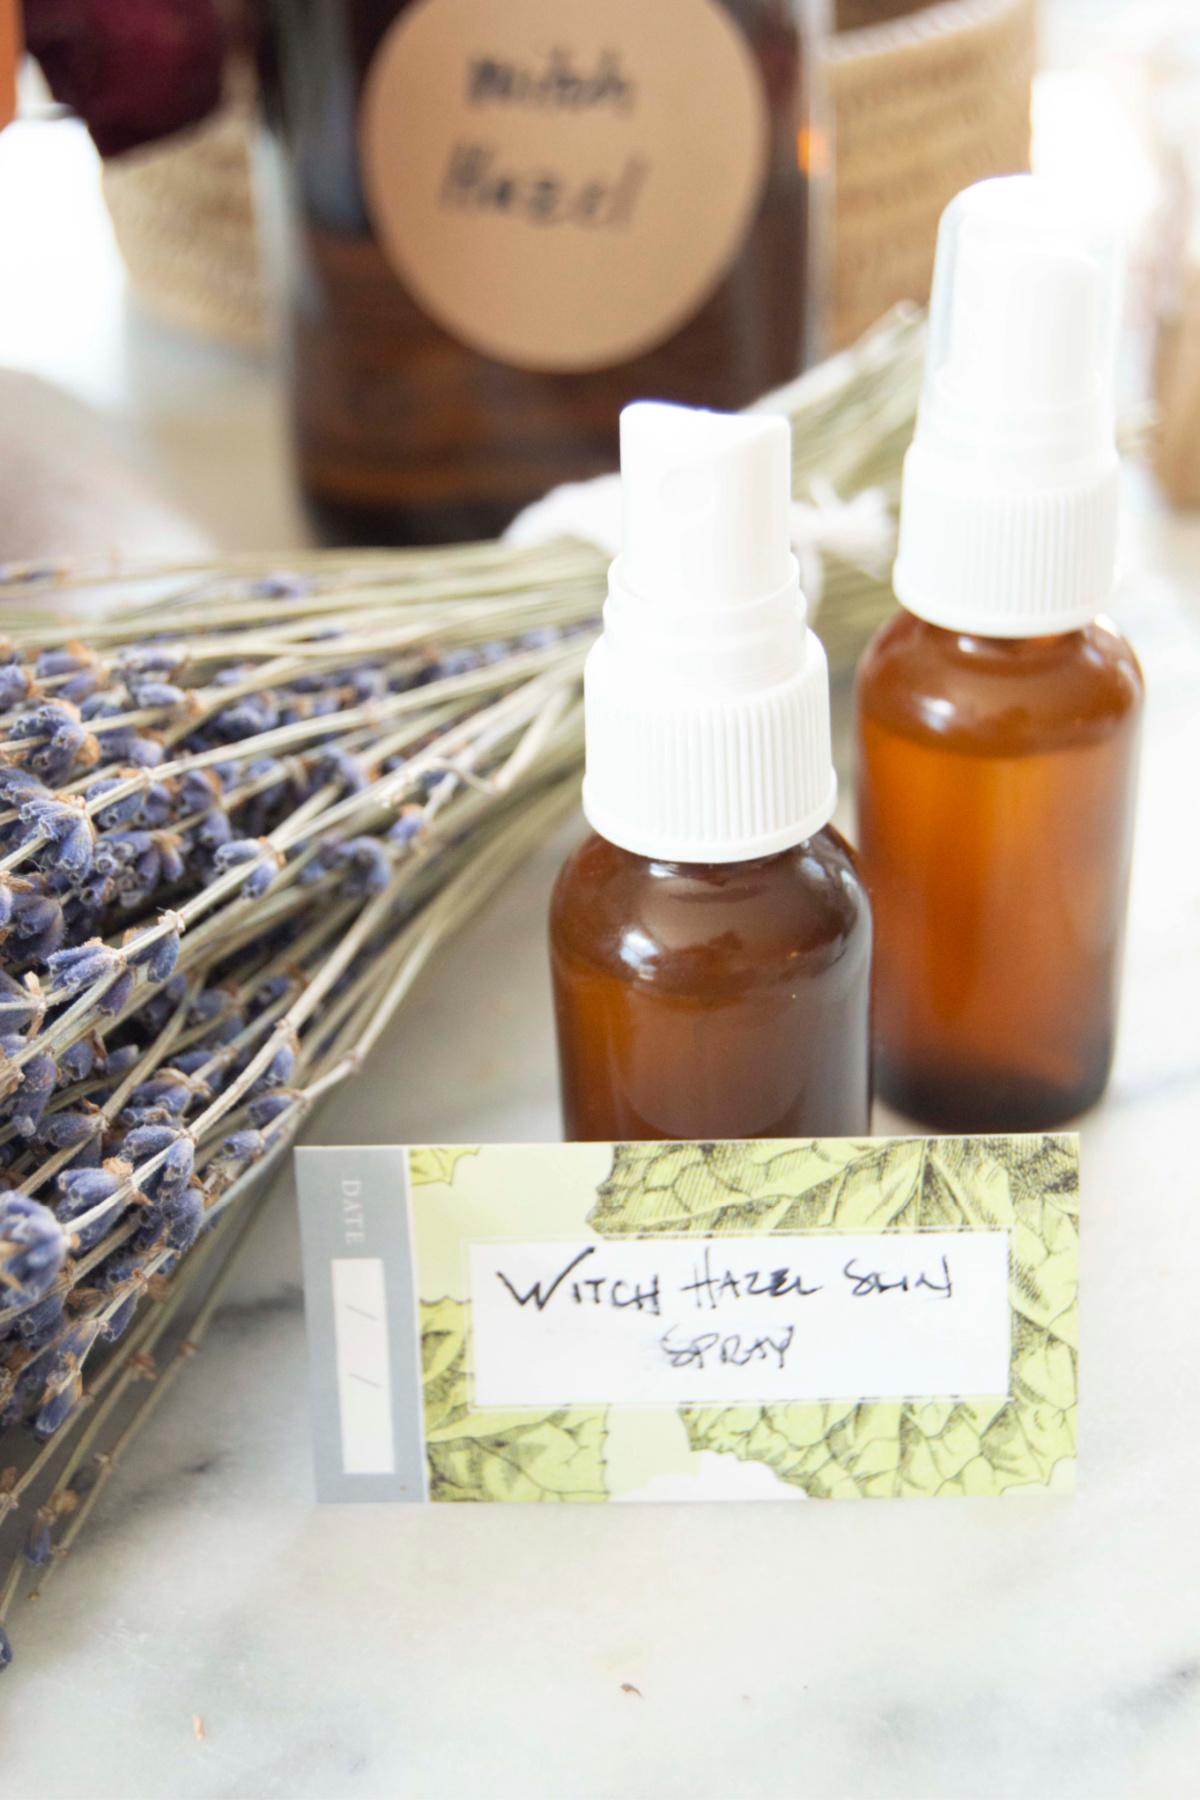 witch hazel skin spray ingredients